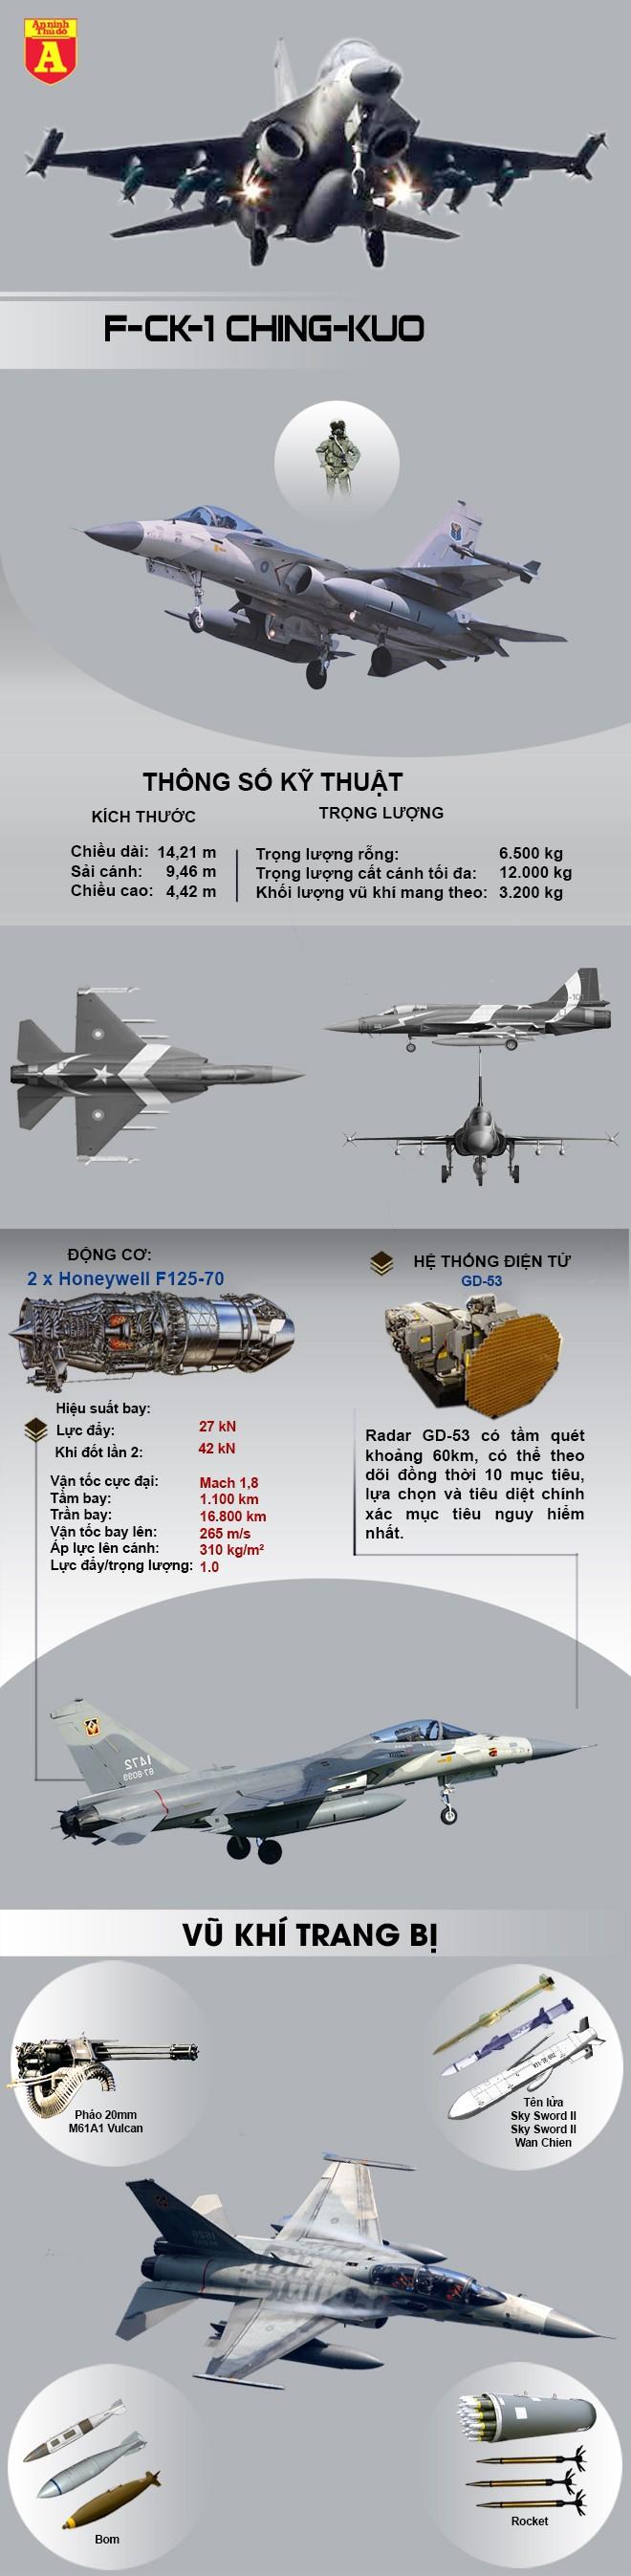 [Info] Chiến đấu cơ tự sản xuất của đảo Đài Loan mạnh ngang ngửa với J-10 Trung Quốc ảnh 2